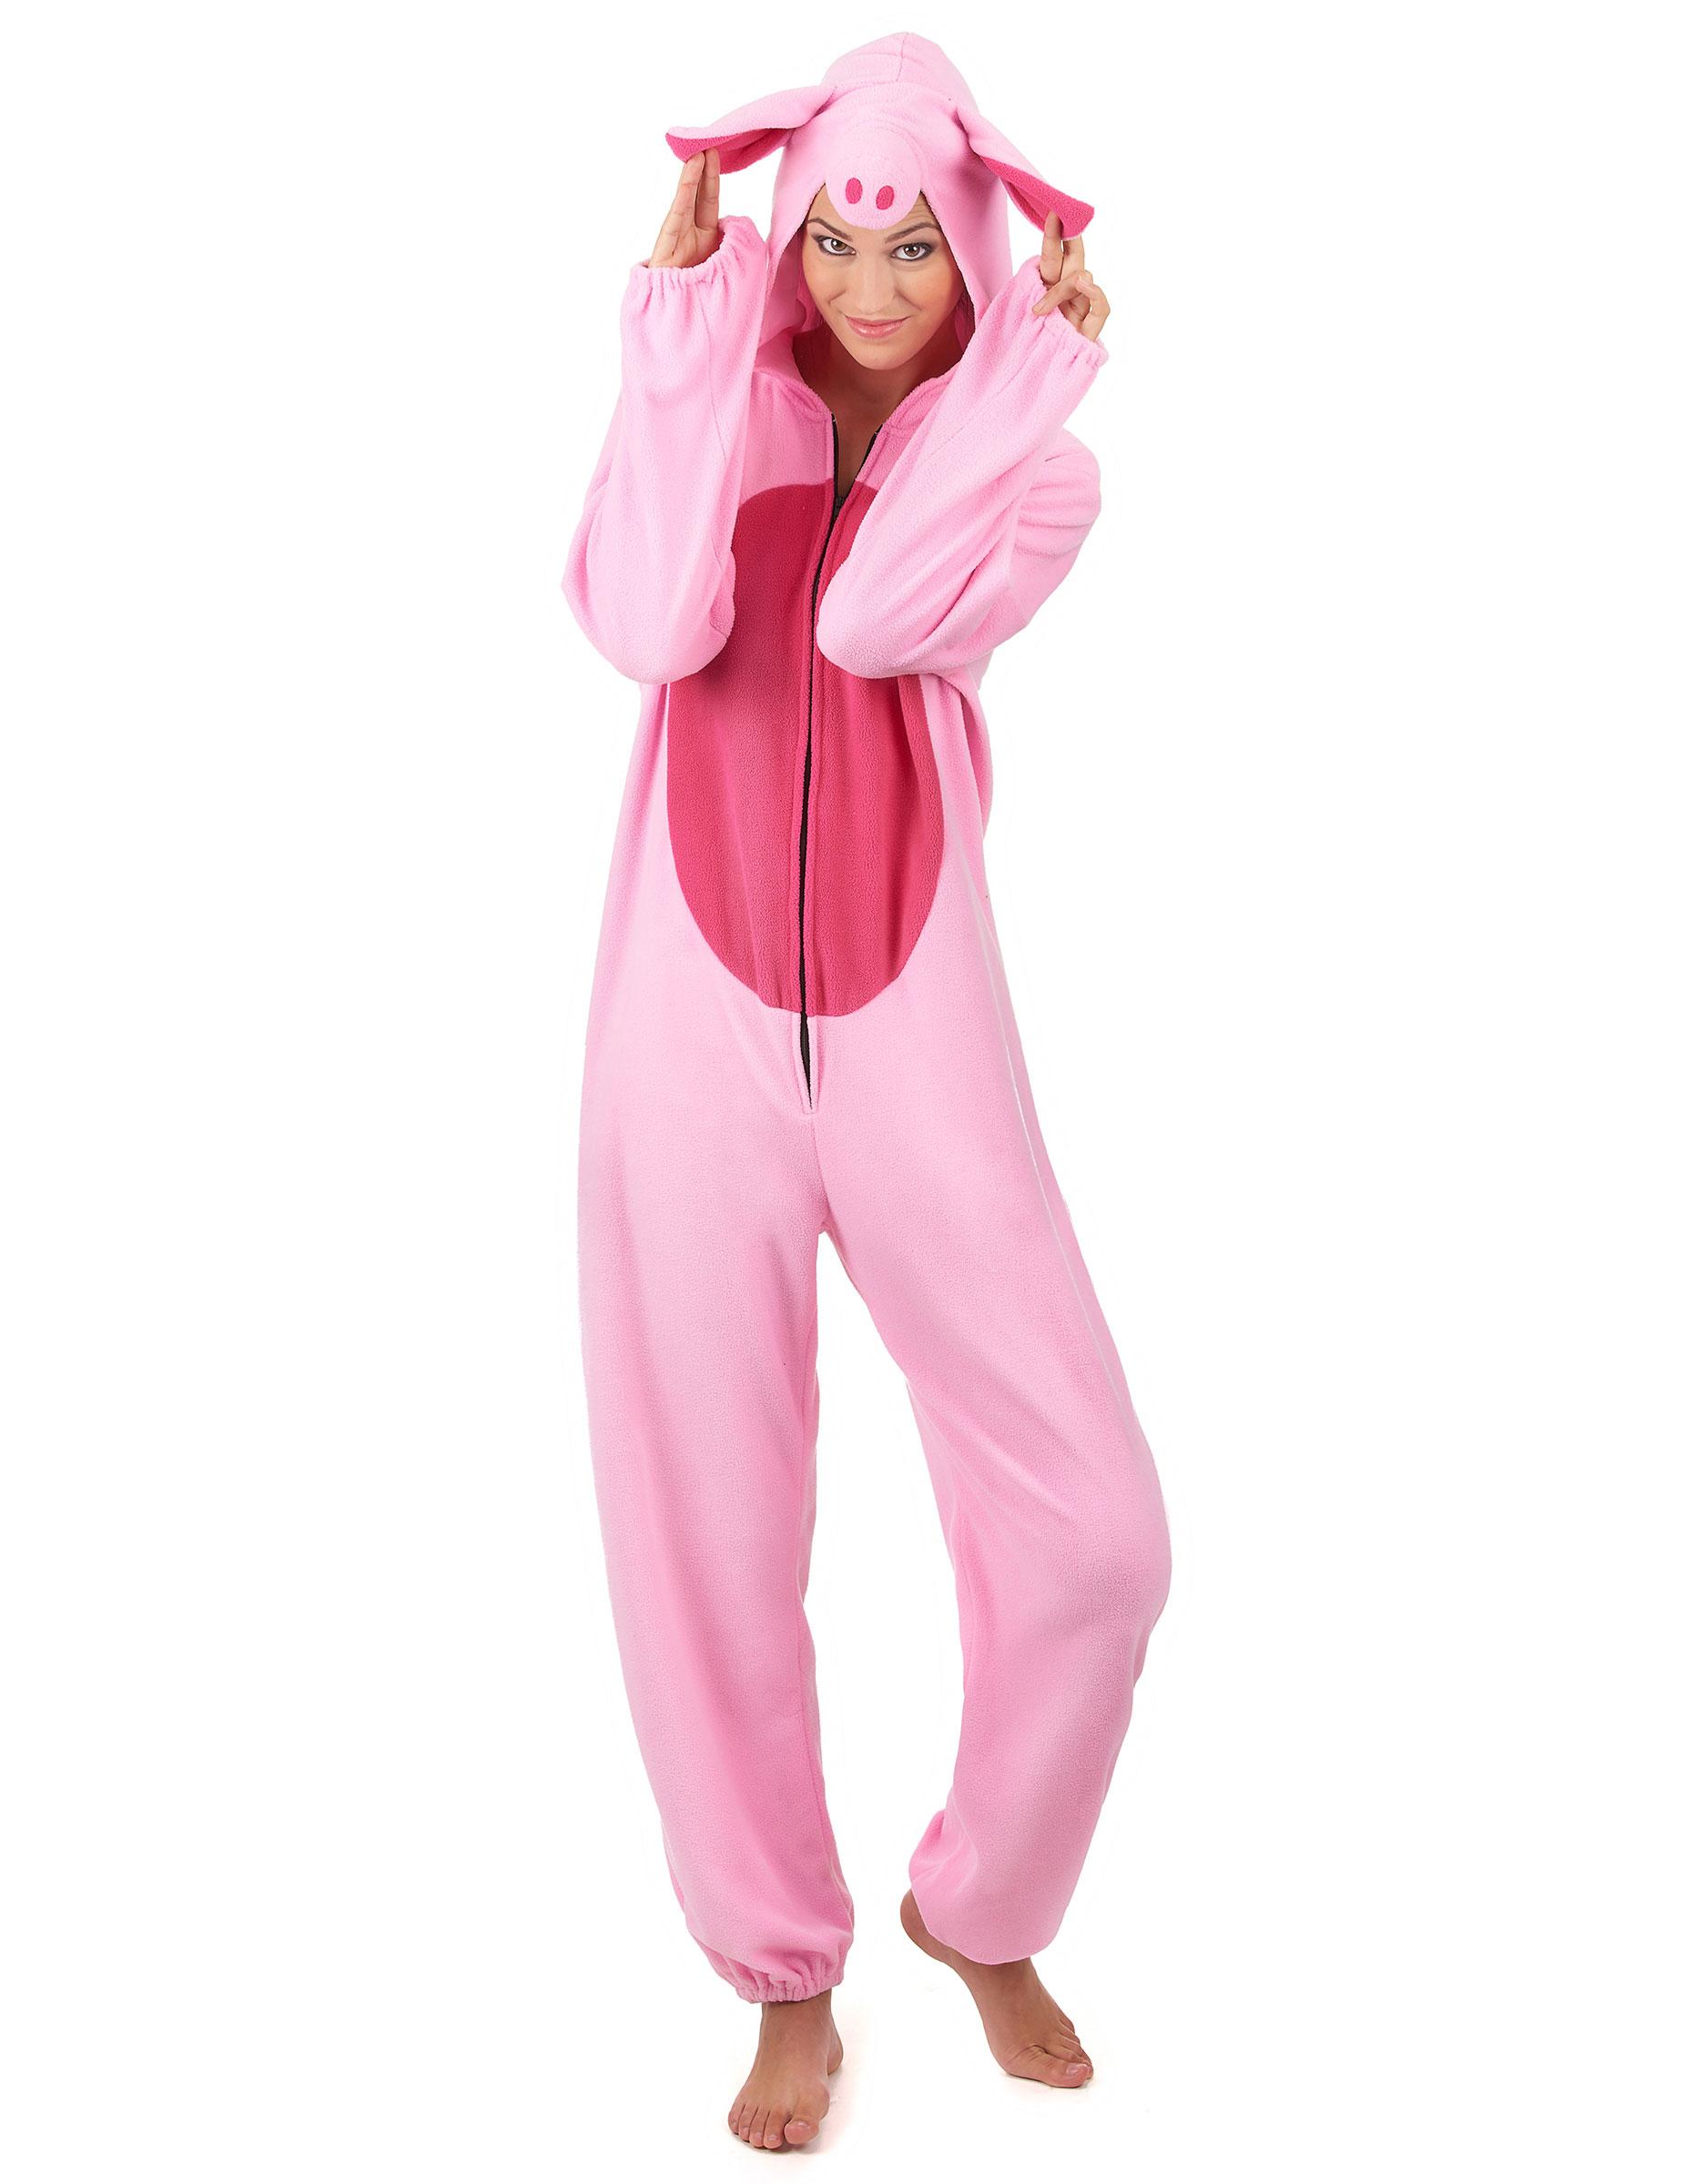 Déguisements adultes Rose, vente de costumes homme   femme pas cher ... ac0b6494971a